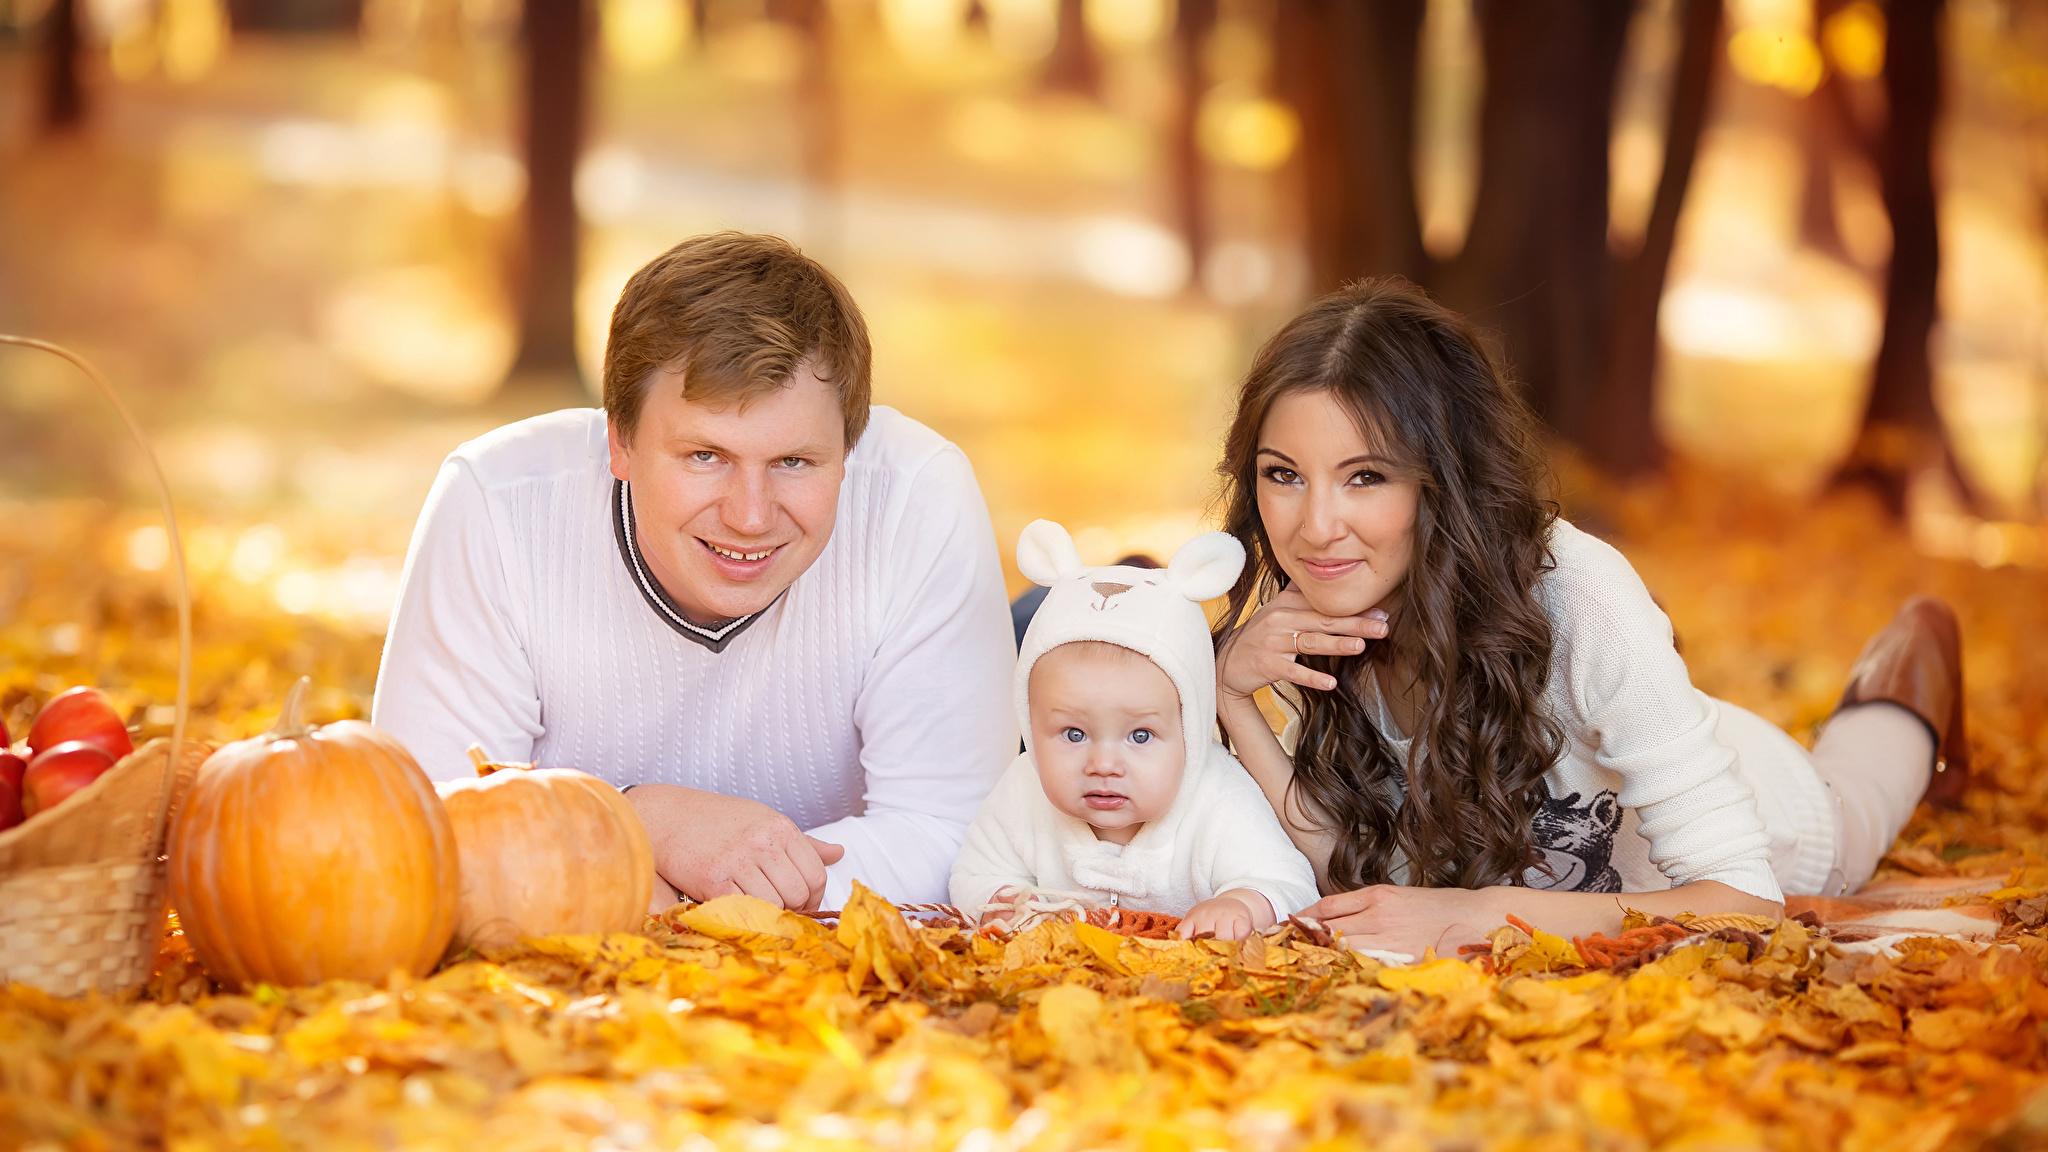 Фото Девушки Мама Младенцы Мужчины смотрит Дети осенние Шатенка 2048x1152 Мать грудной ребёнок Взгляд Осень Ребёнок